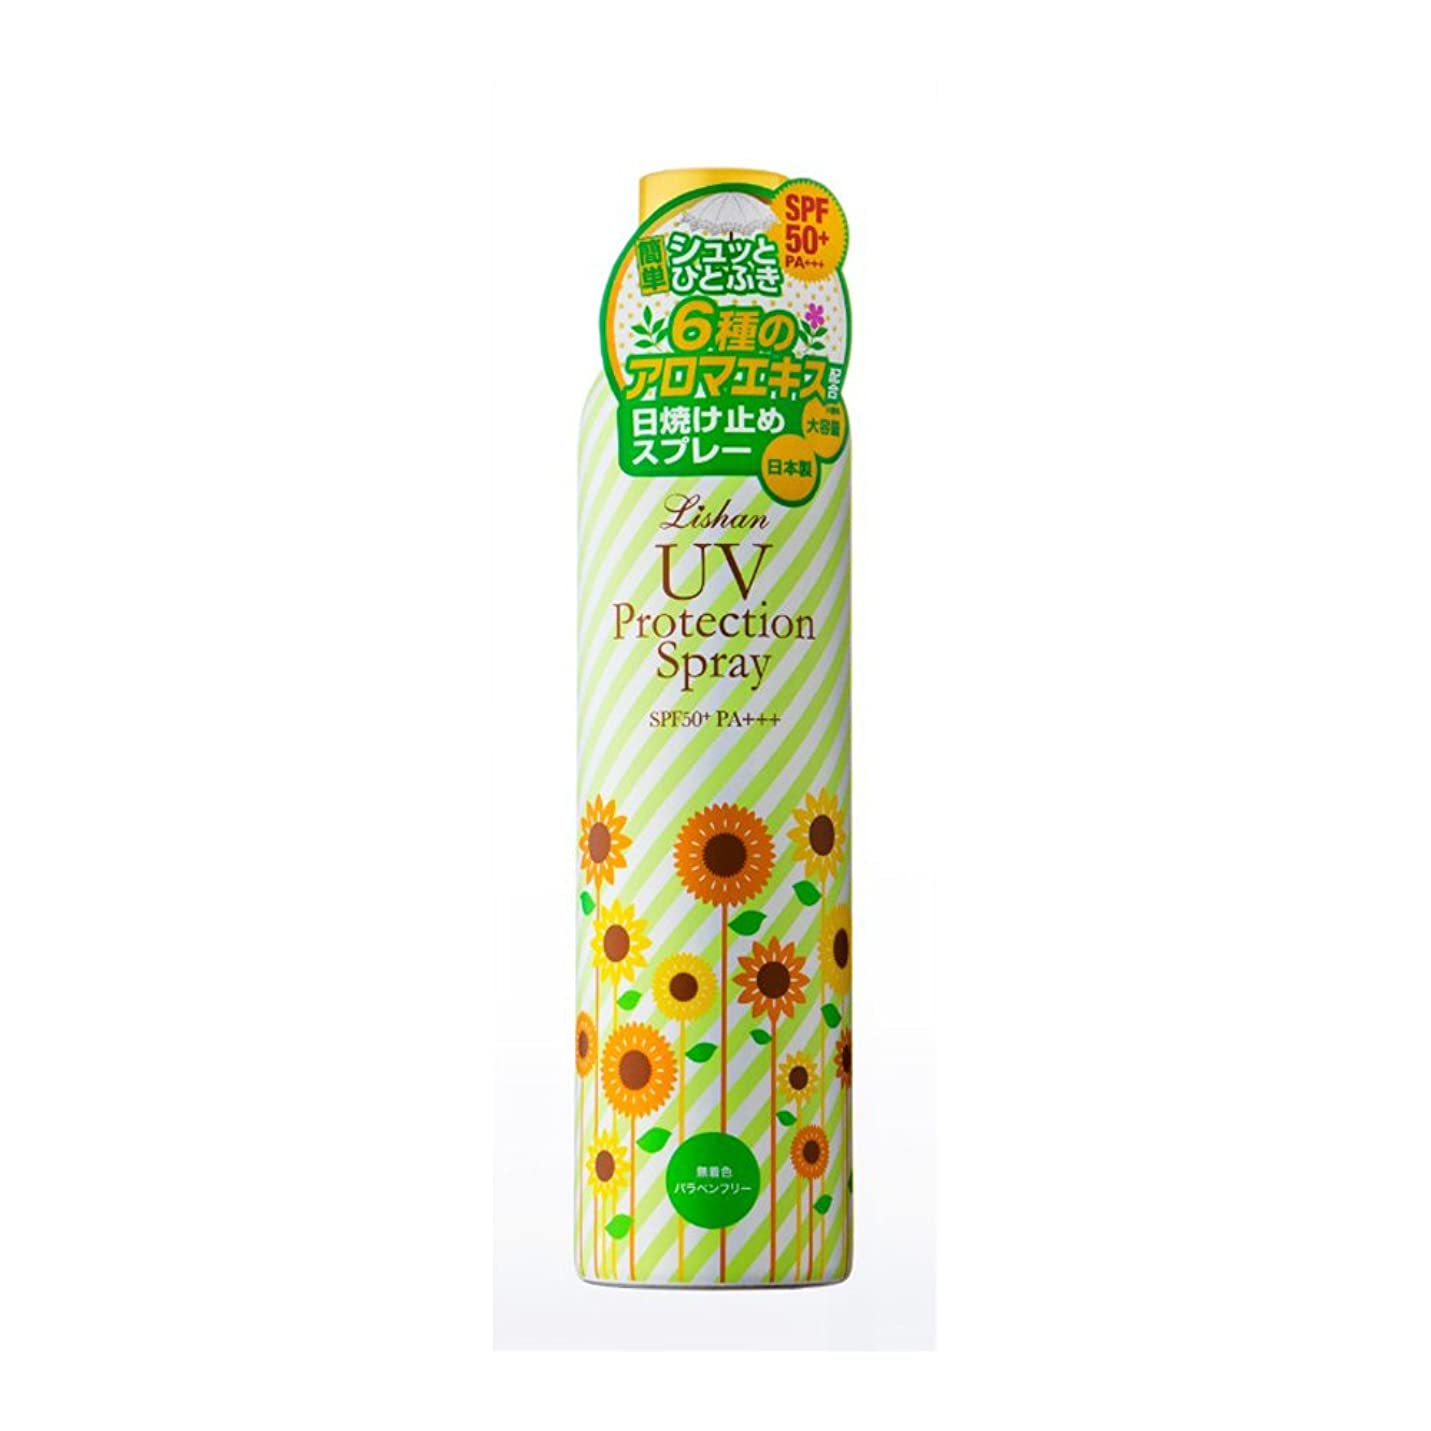 継続中スーパーパンフレットリシャン 大容量UVスプレー アロマミックスの香り (230g)